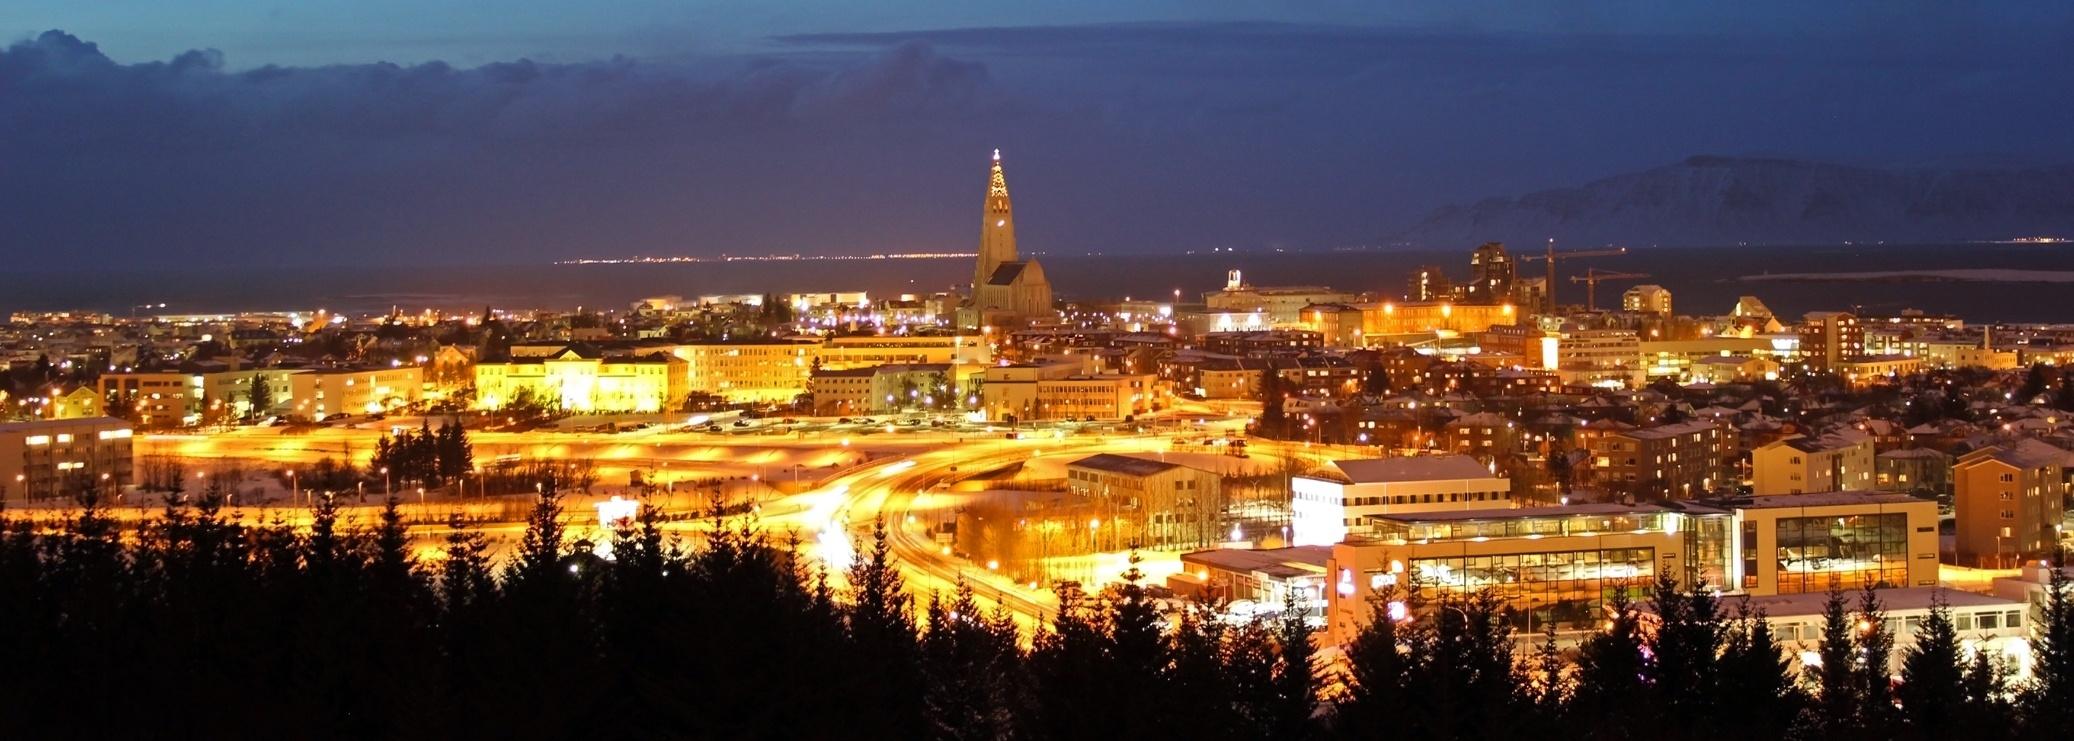 reykjavik-at-dusk-jeennoh-949452-edited